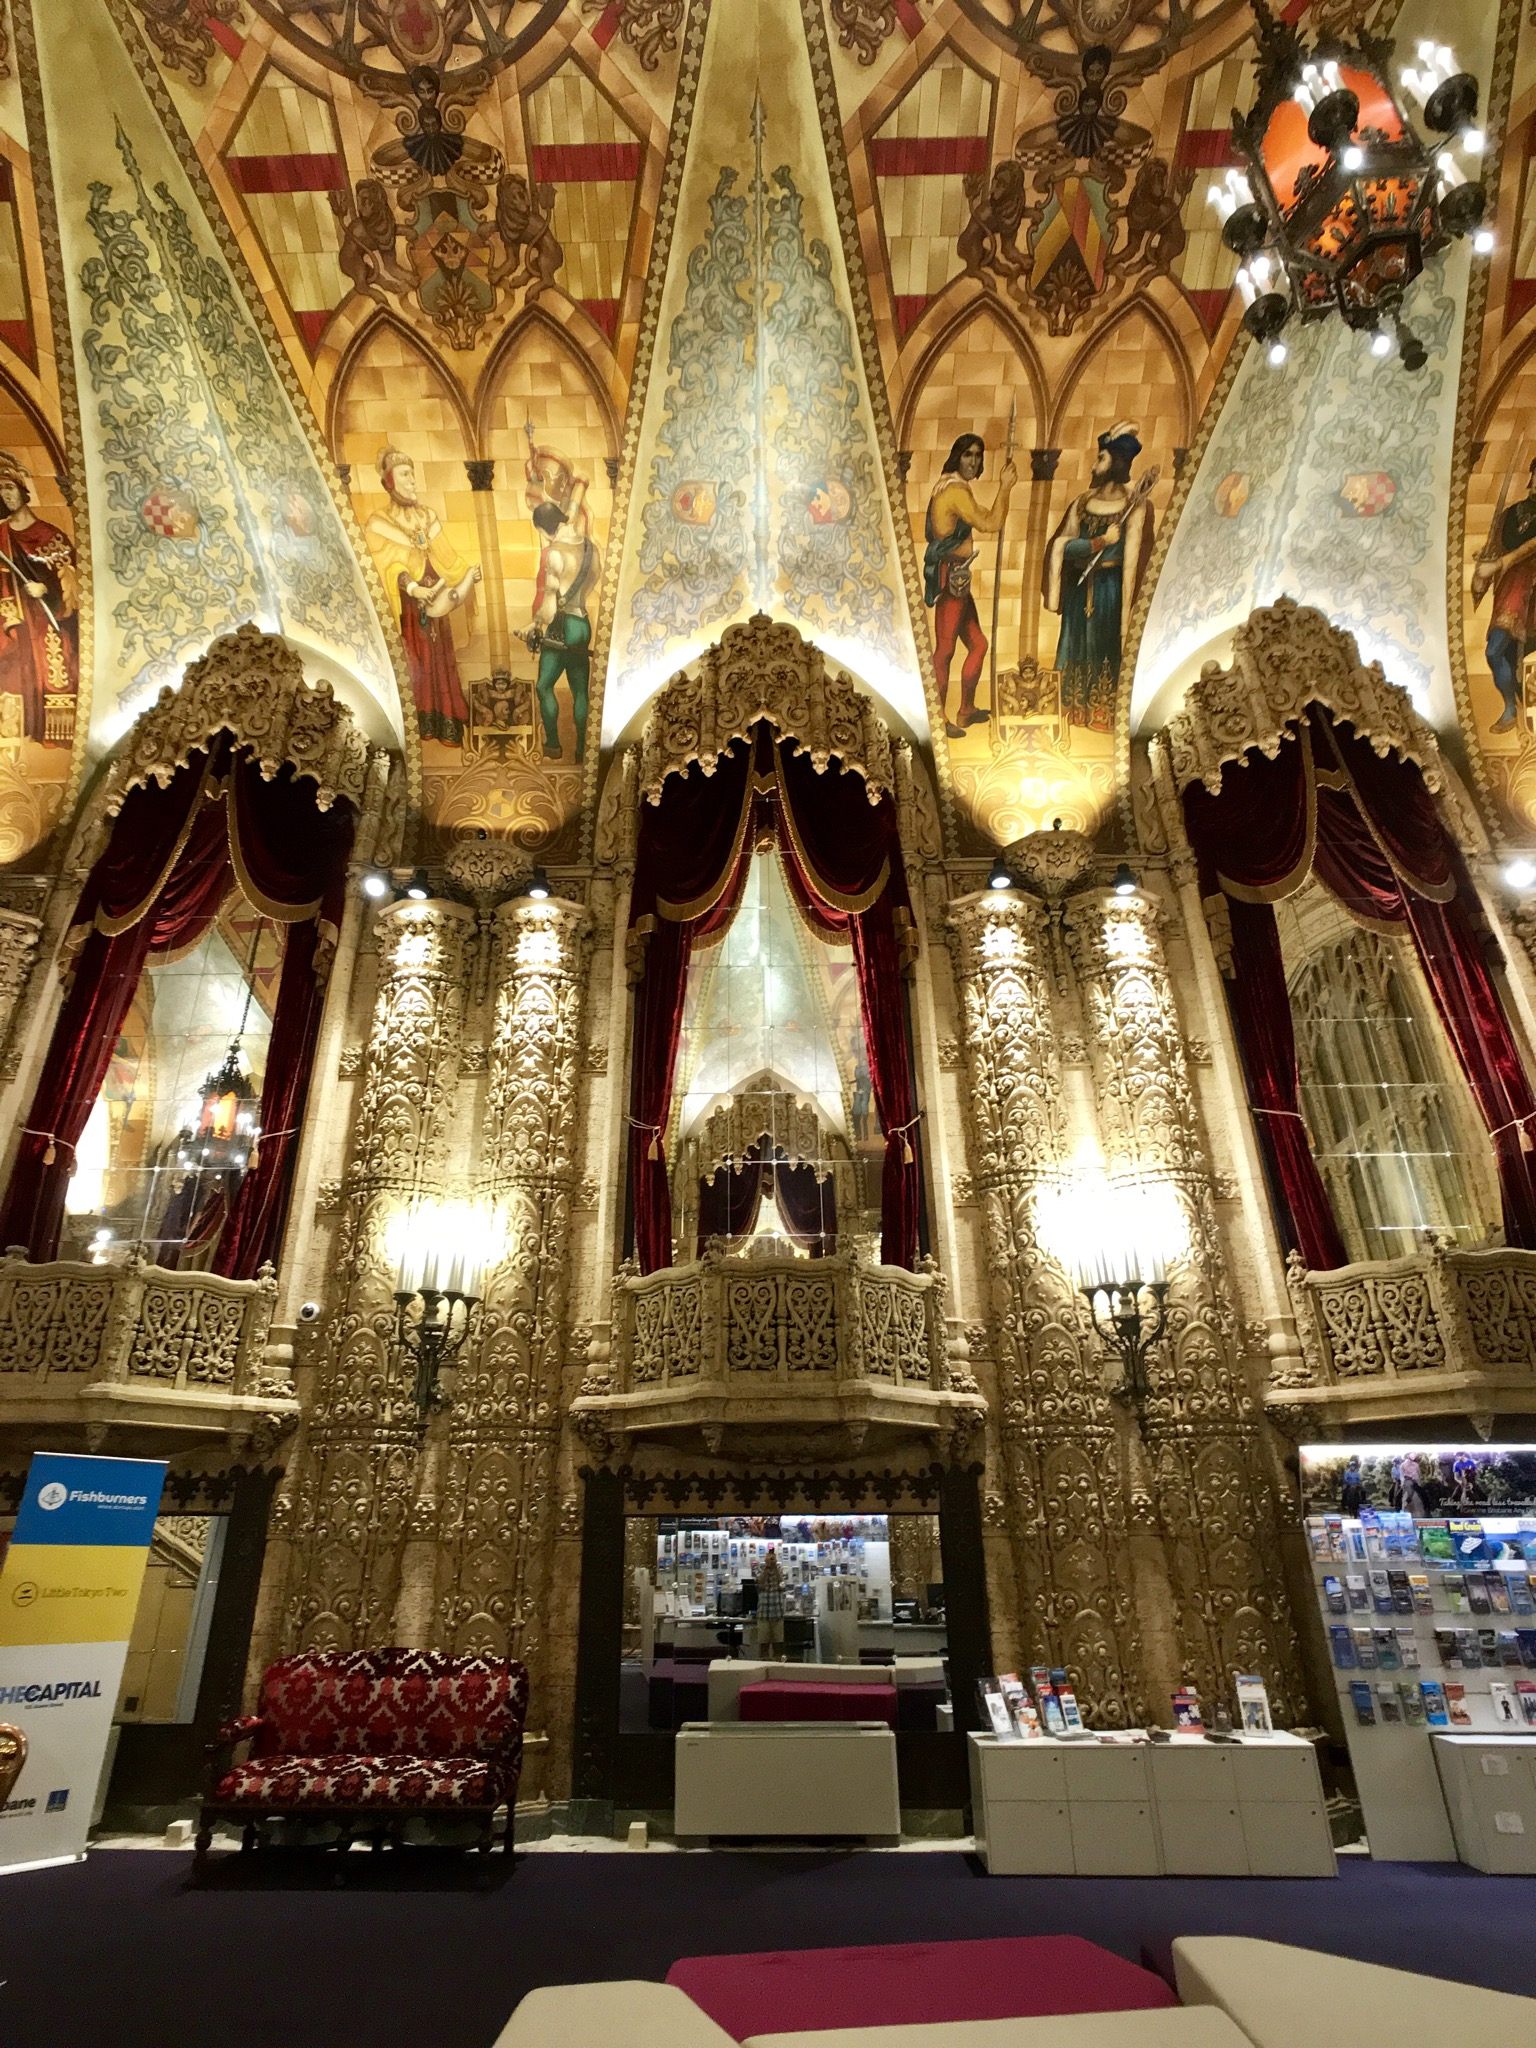 File:Regent Theatre Foyer, Brisbane, Queensland 03.jpg ...